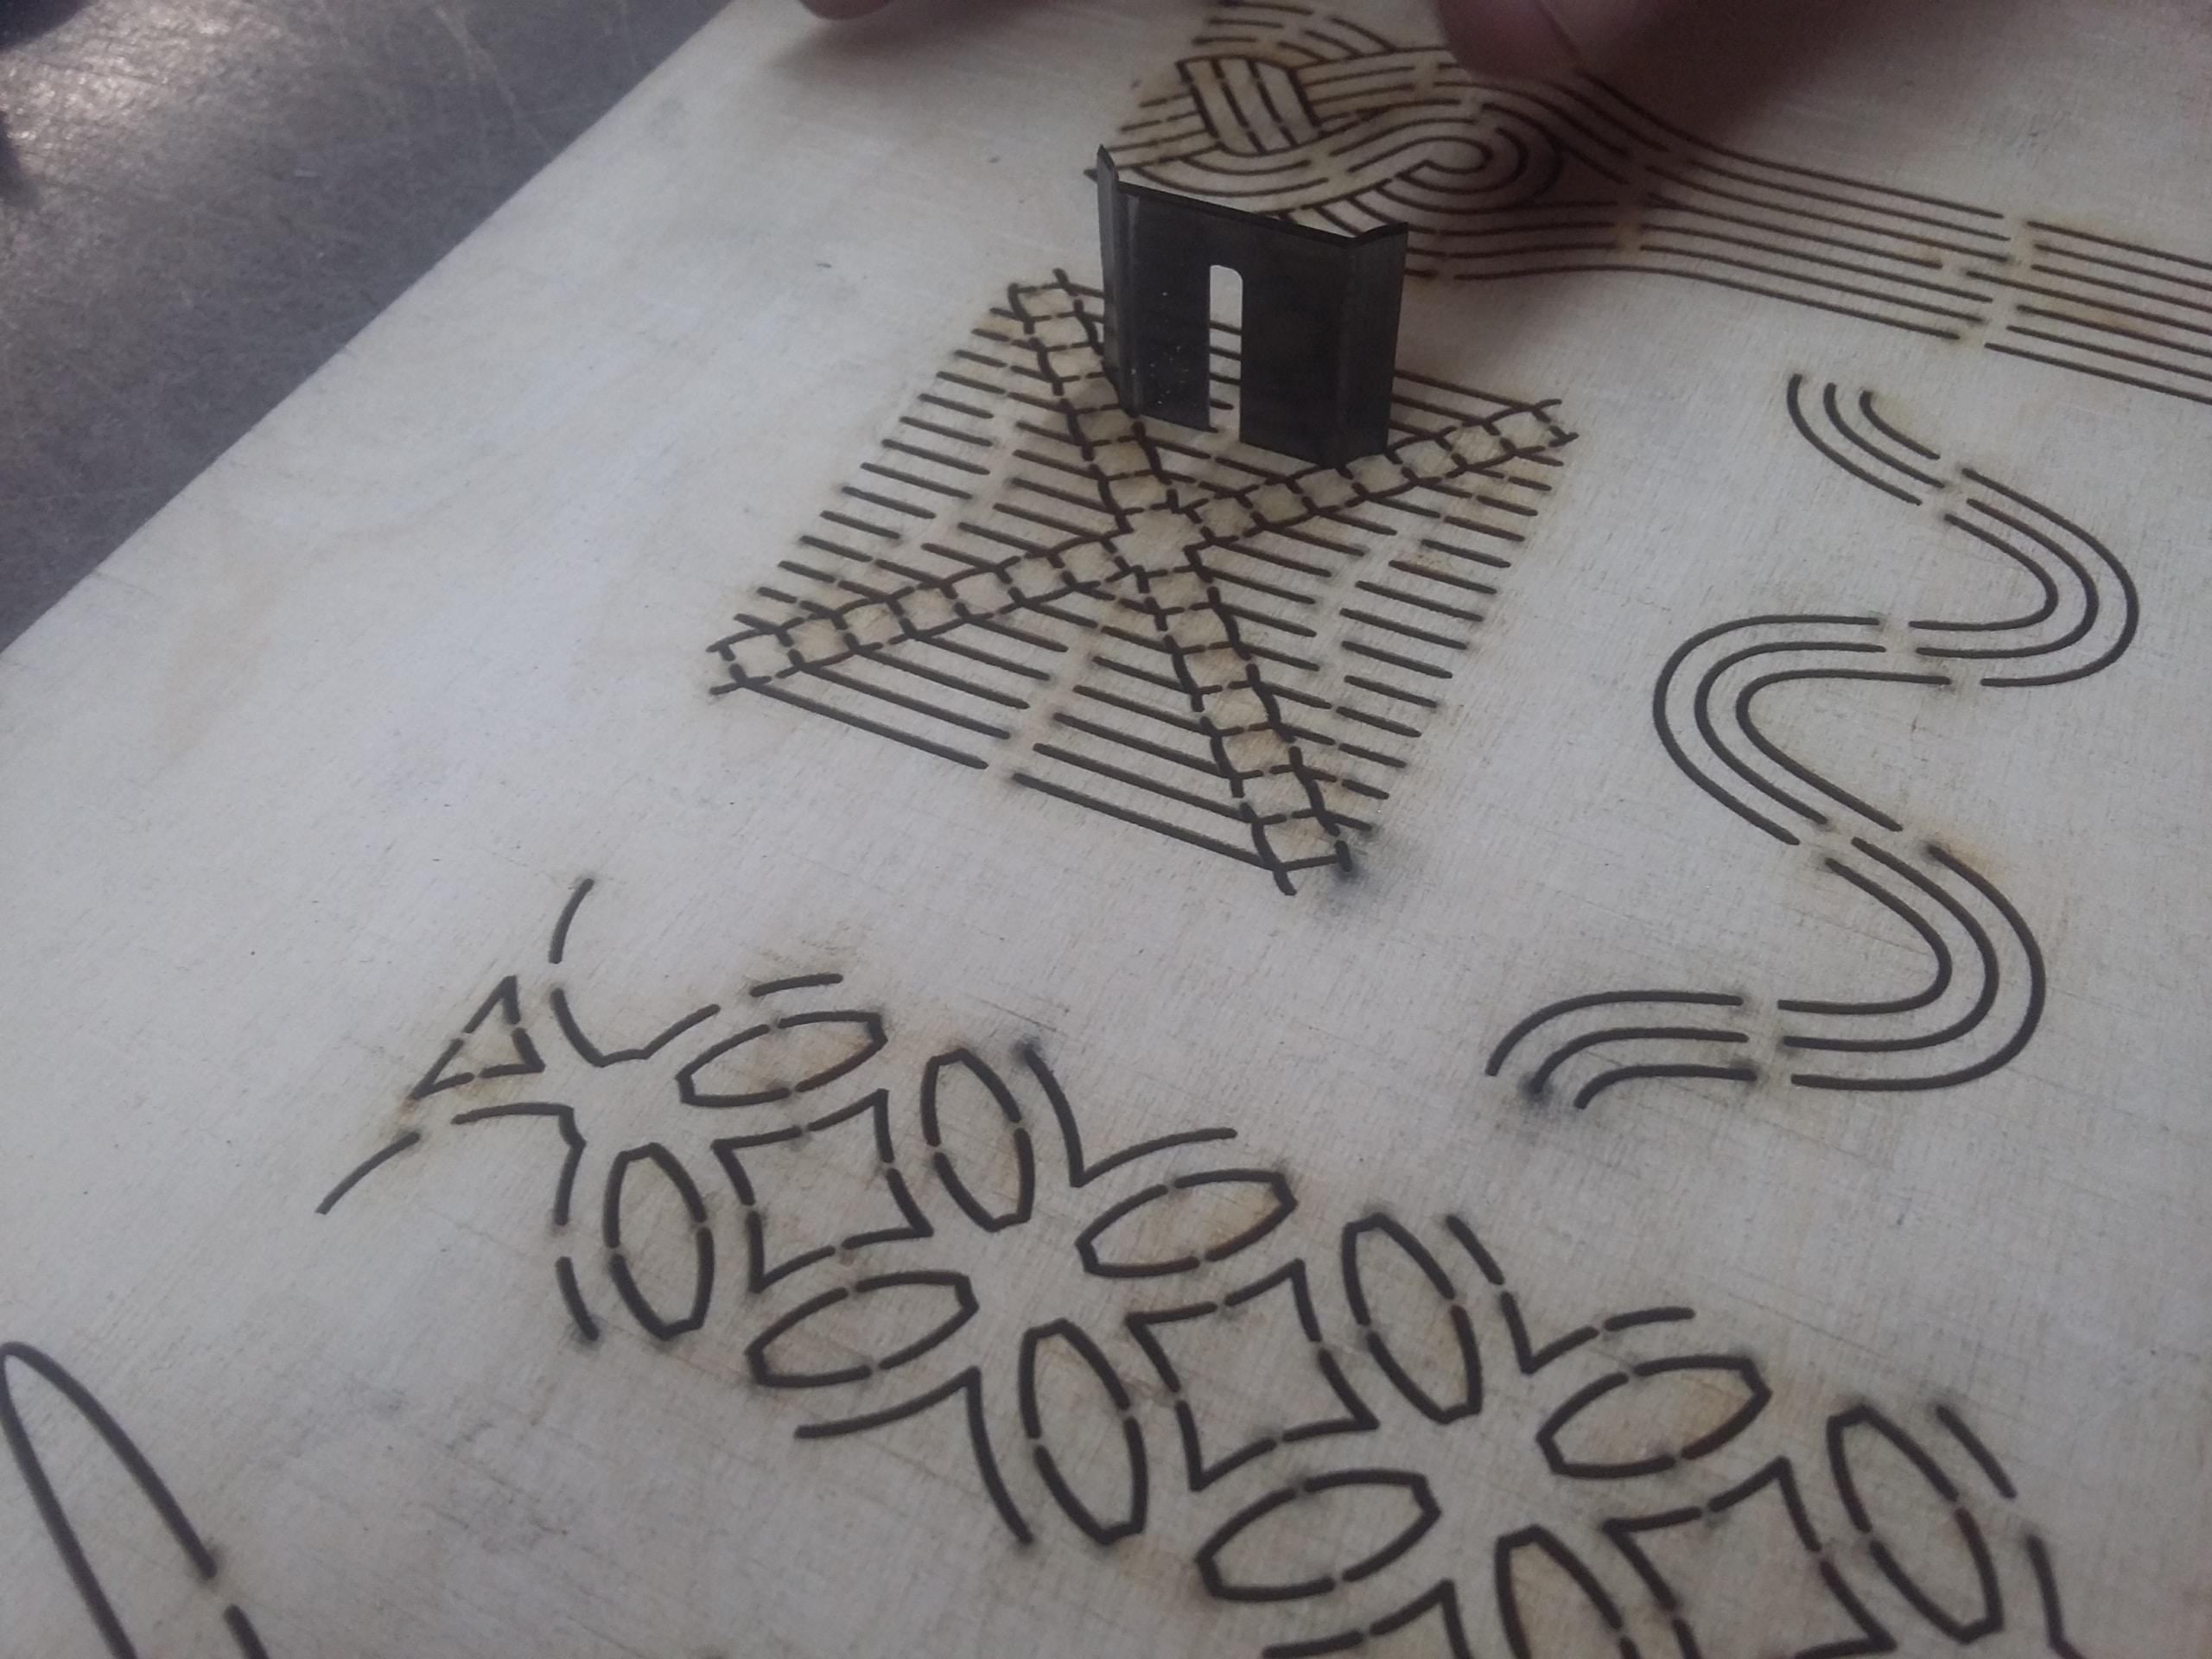 Encuny per a tèxtil